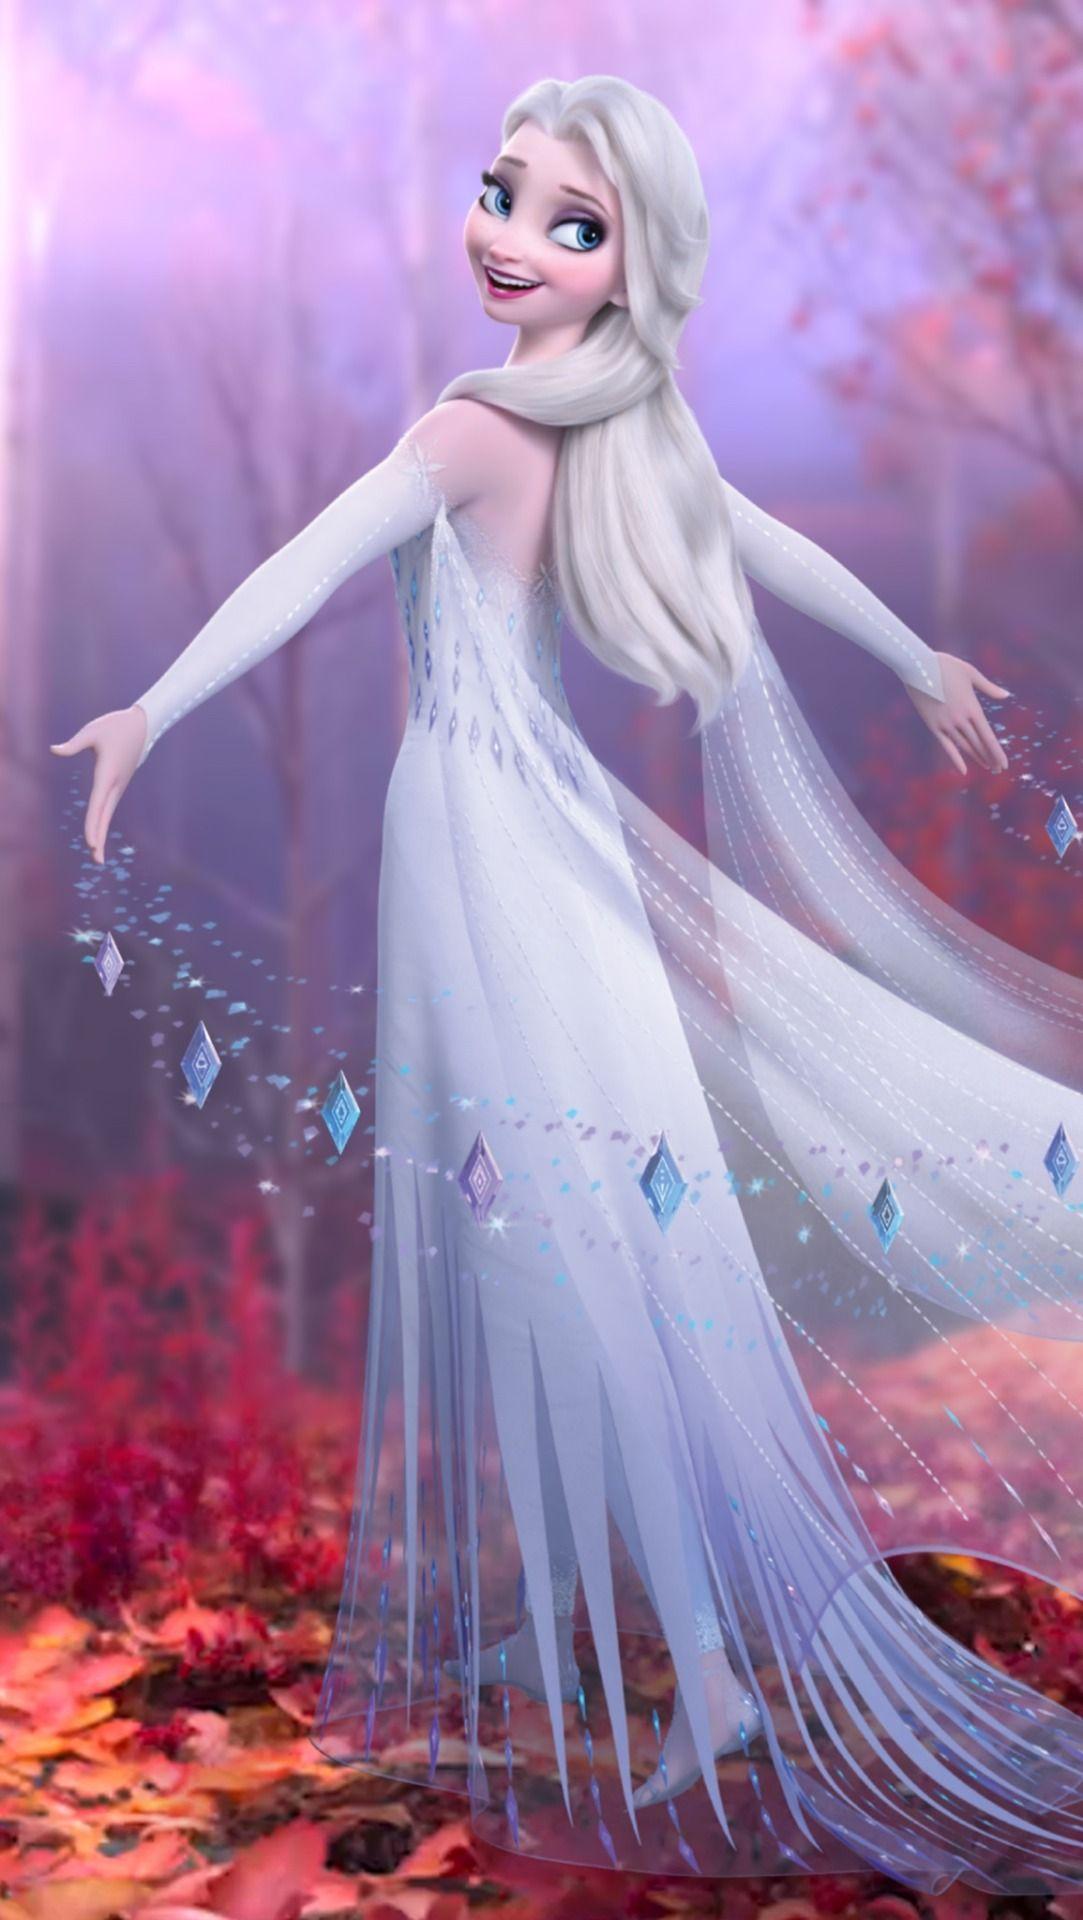 Constable Frozen — Elsa In 2020